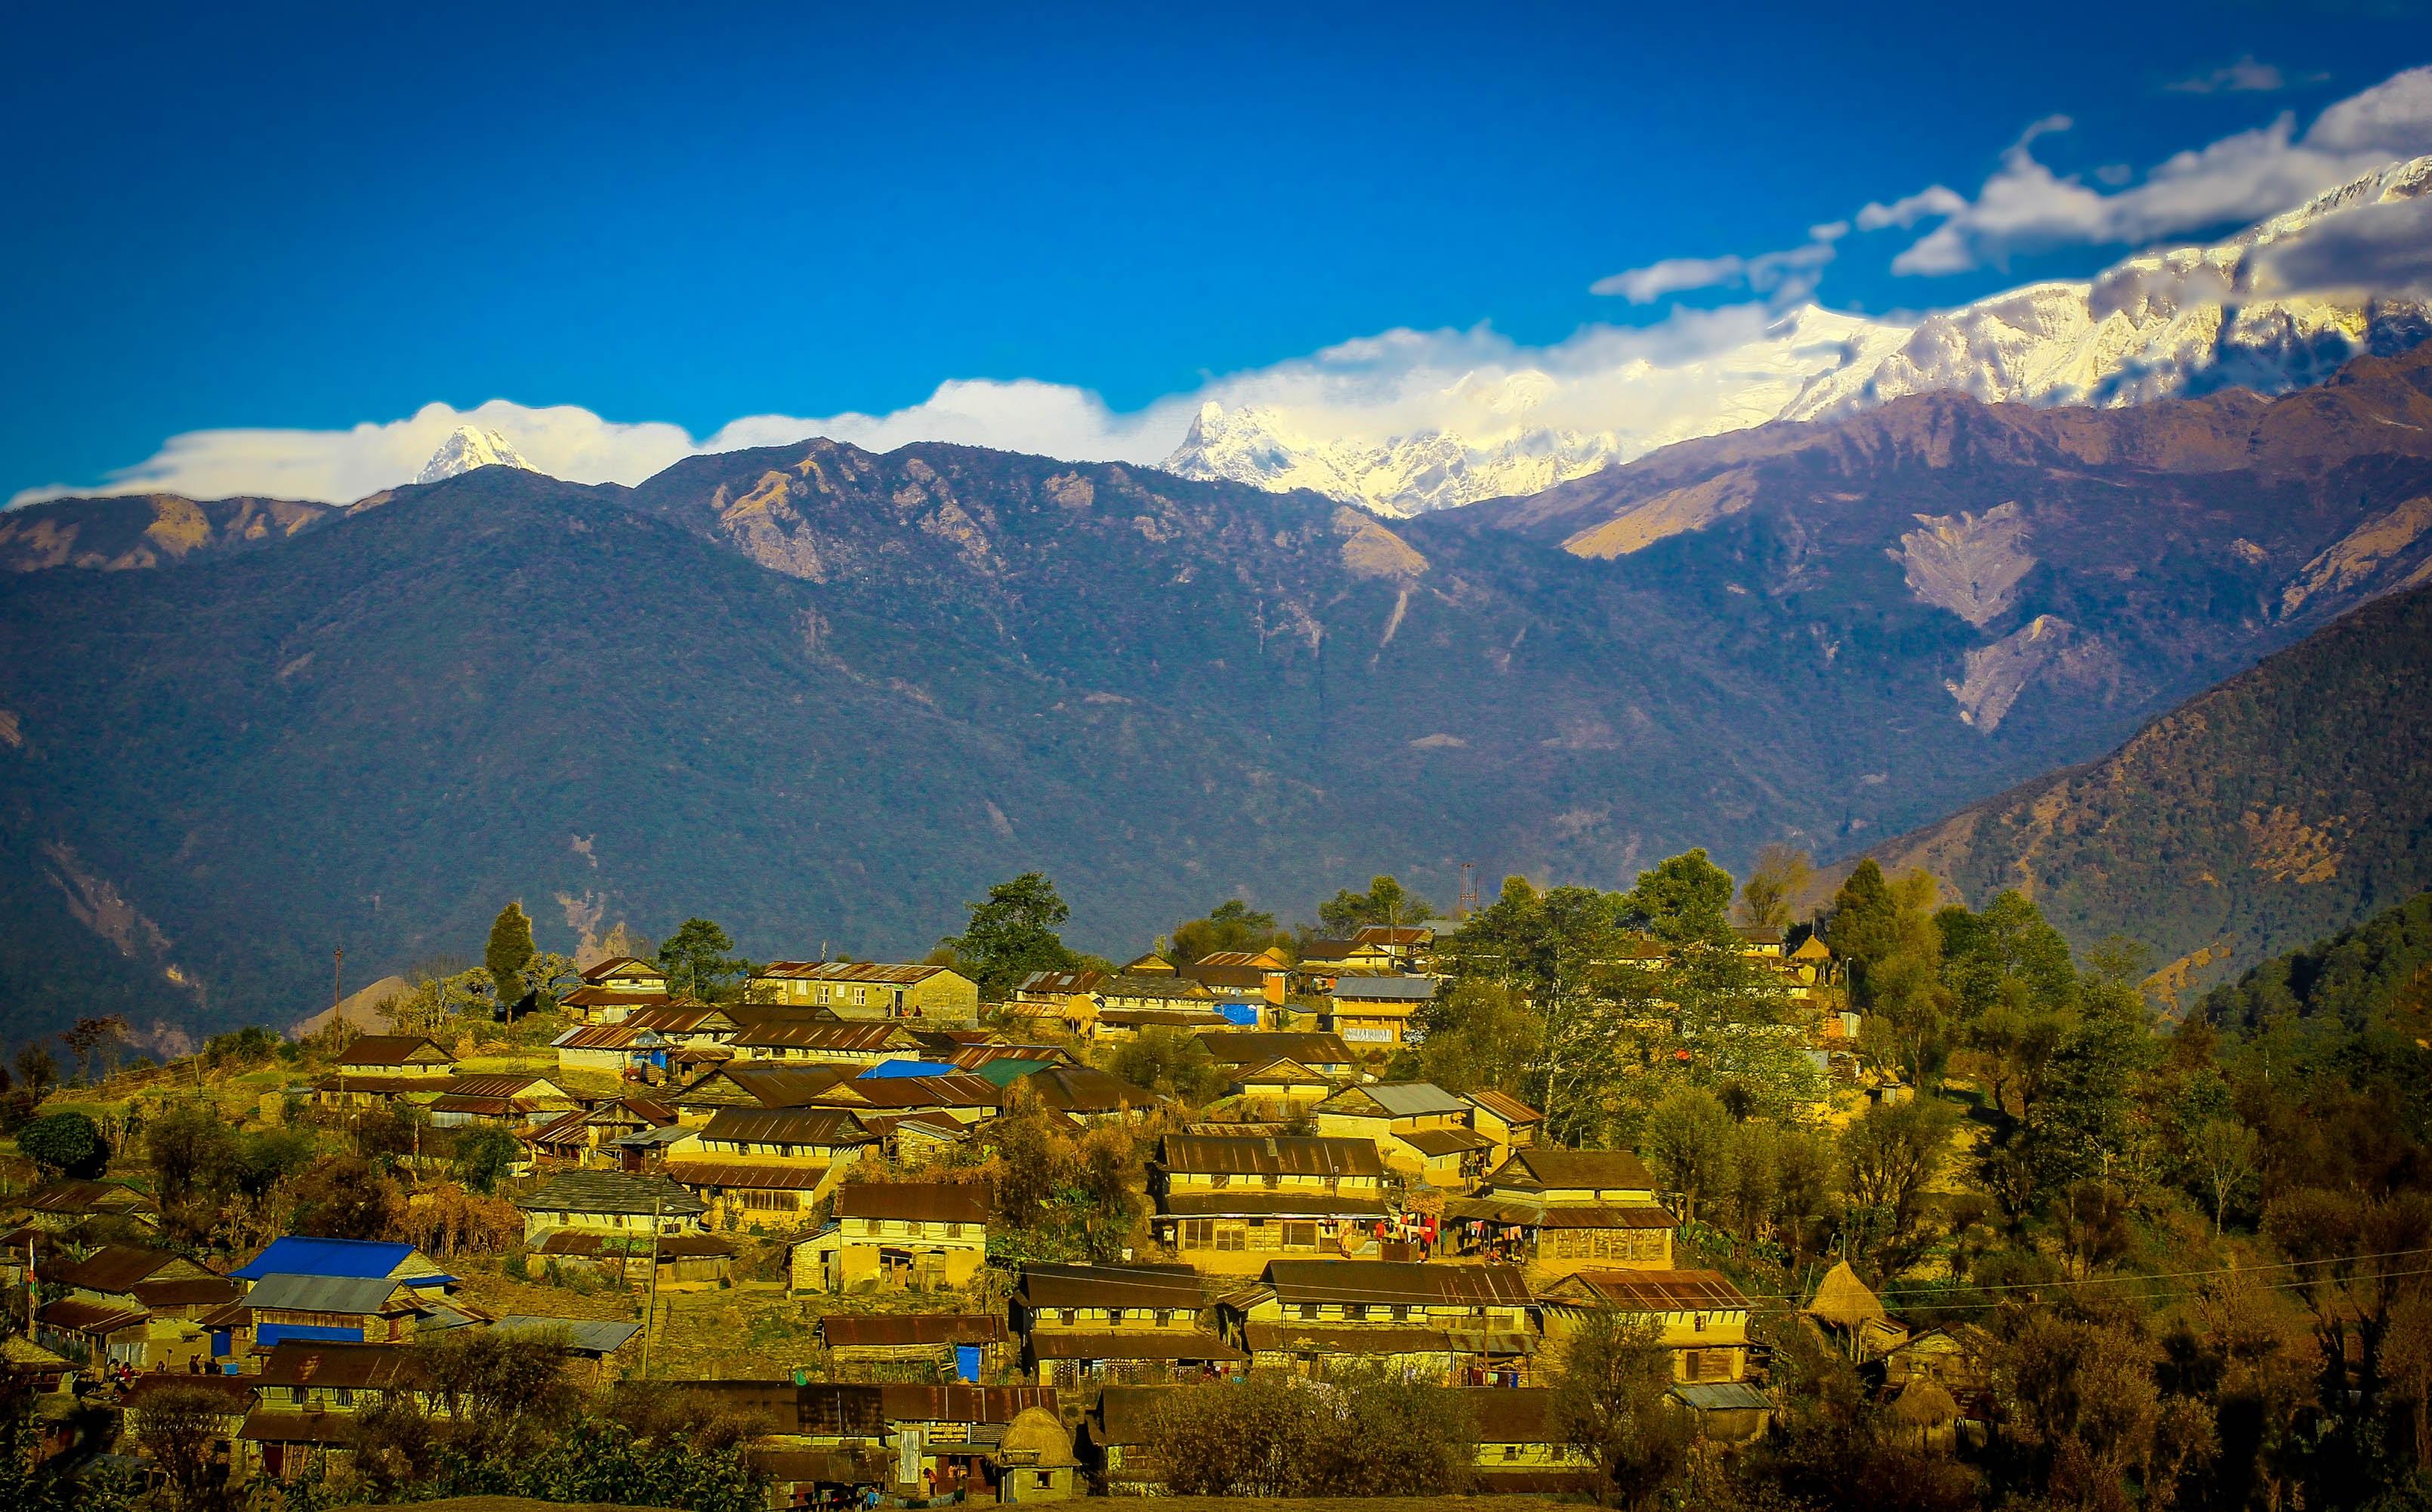 Free Unsplash photo from Animesh Bhattarai